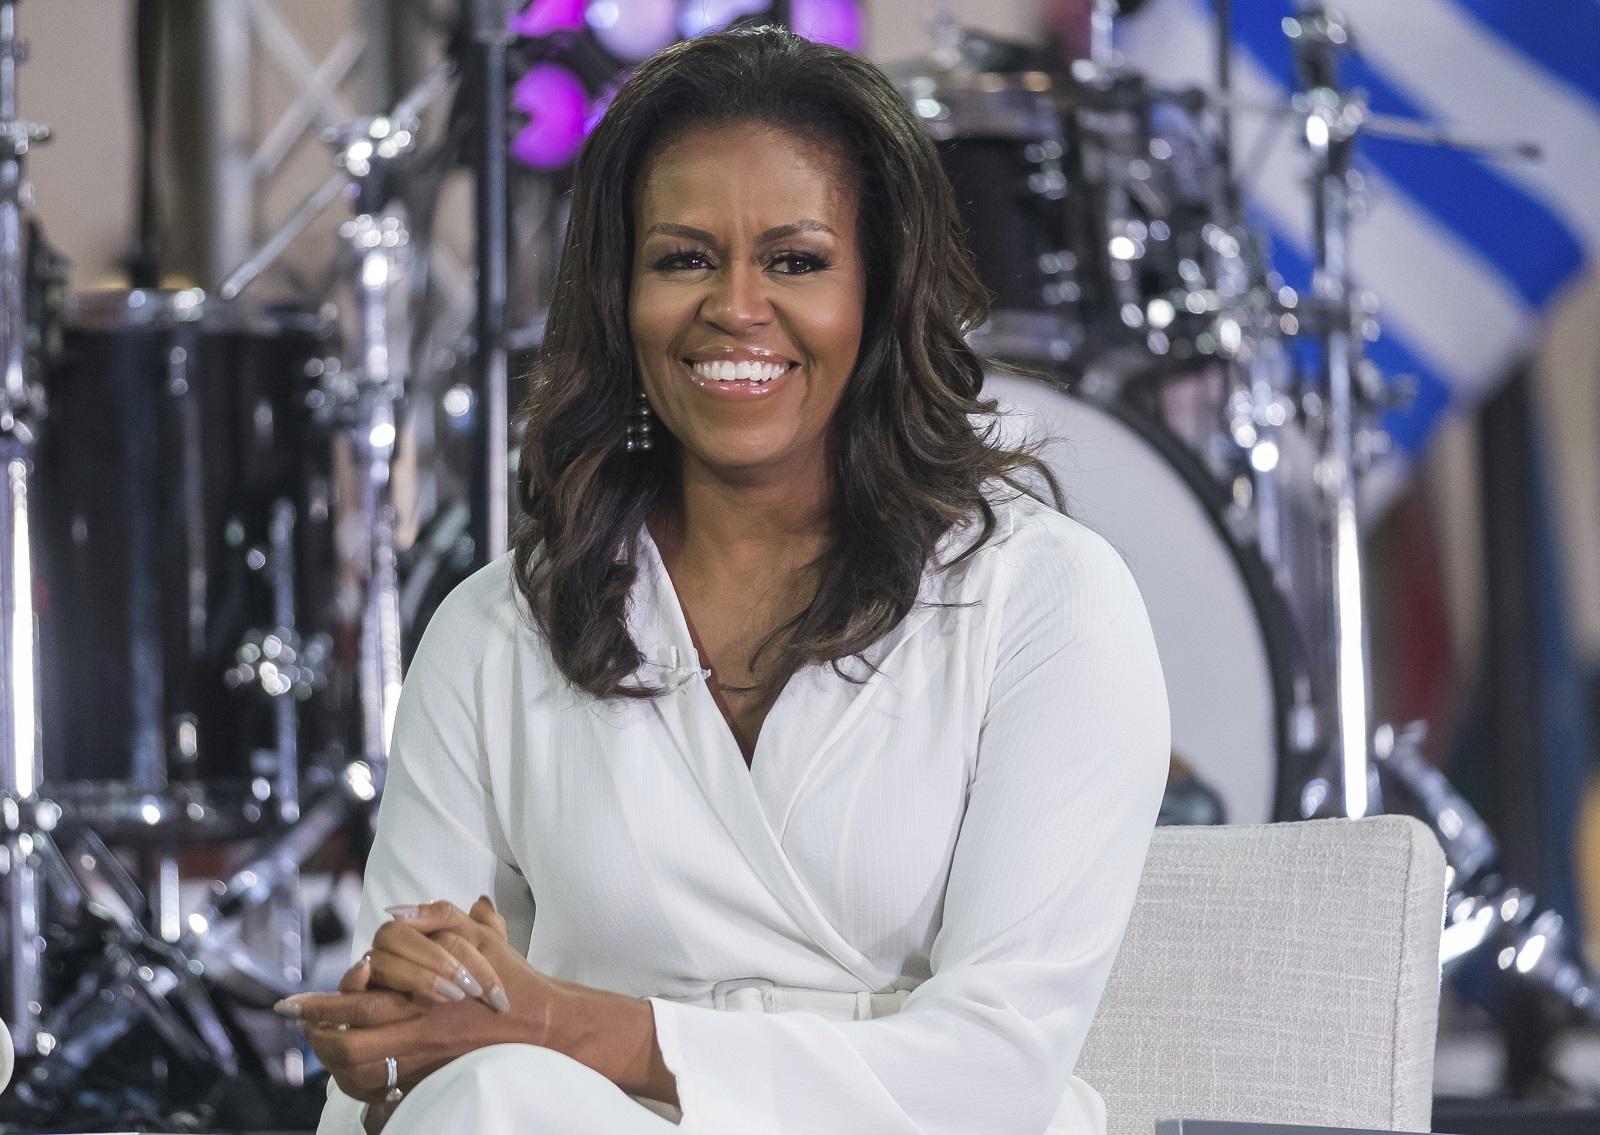 अमेरिकेचे माजी राष्ट्राध्यक्ष बराक ओबामा यांची पत्नी मिशेल ओबामा यांचाही भारतातील प्रभावशाली महिलांच्या यादीत समावेश आहे. त्यांचा स्कोअर 5.53 % आहे.